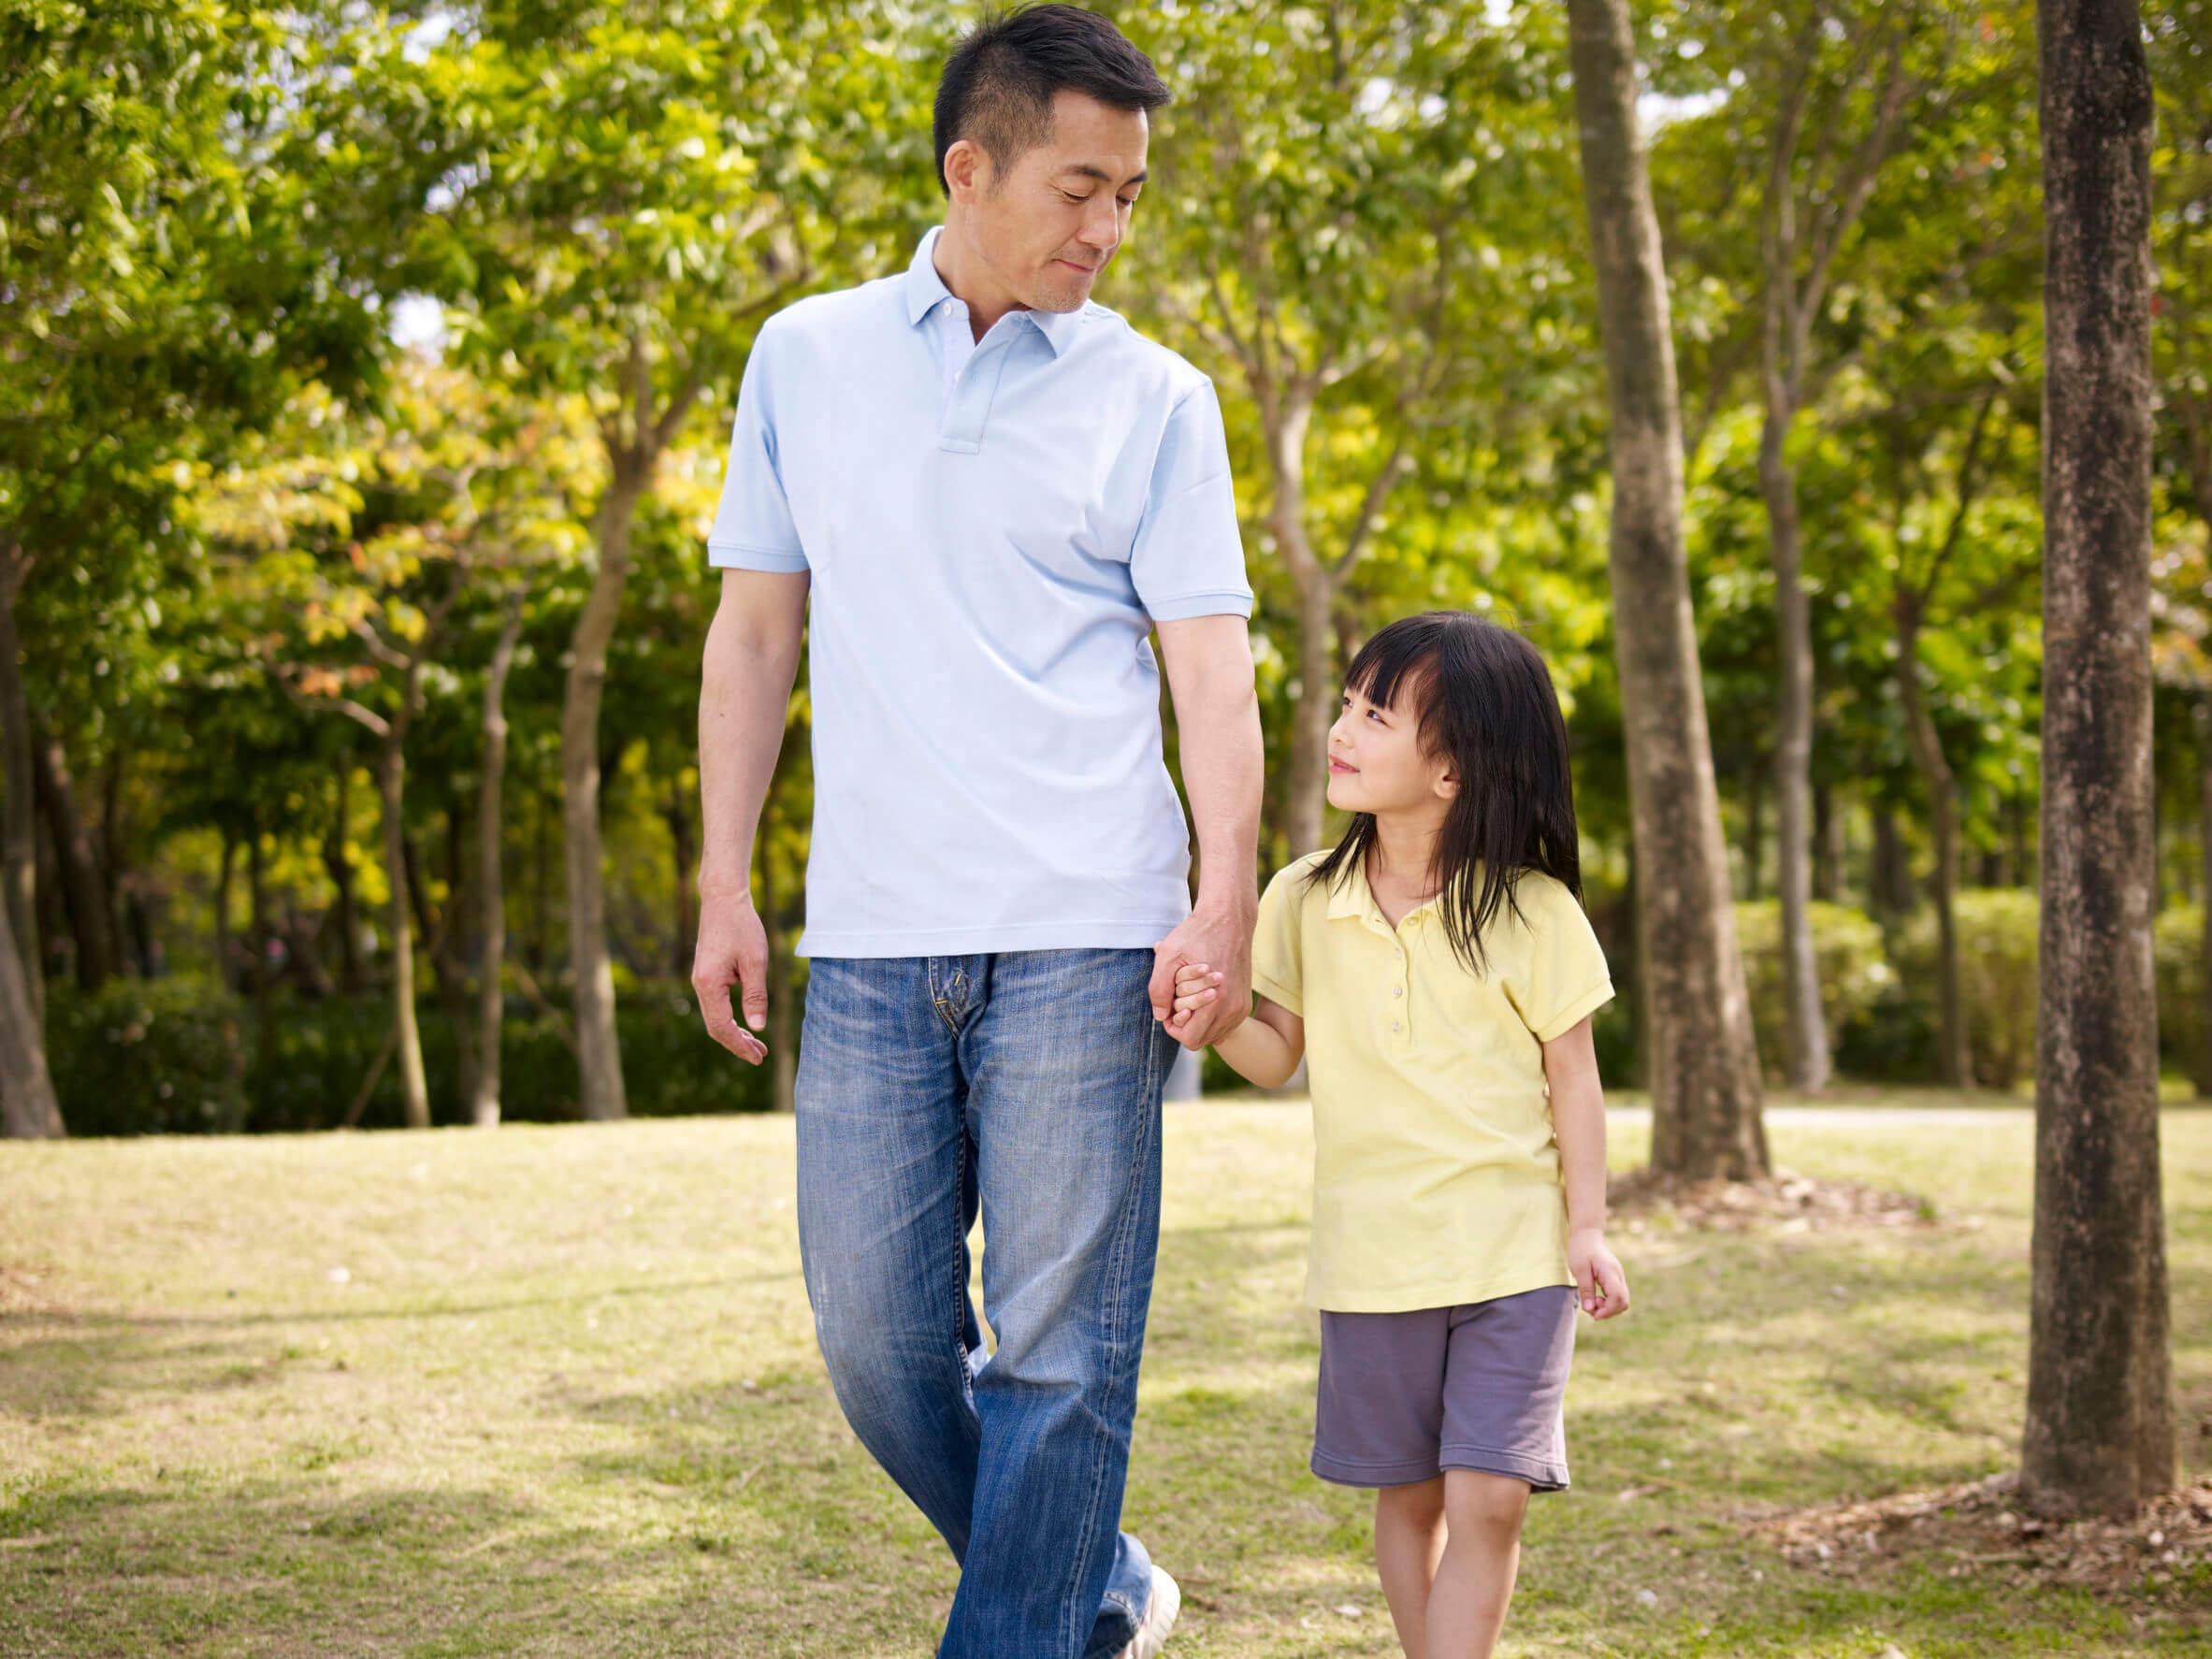 Padre hablando con su hija y contándole la verdad.